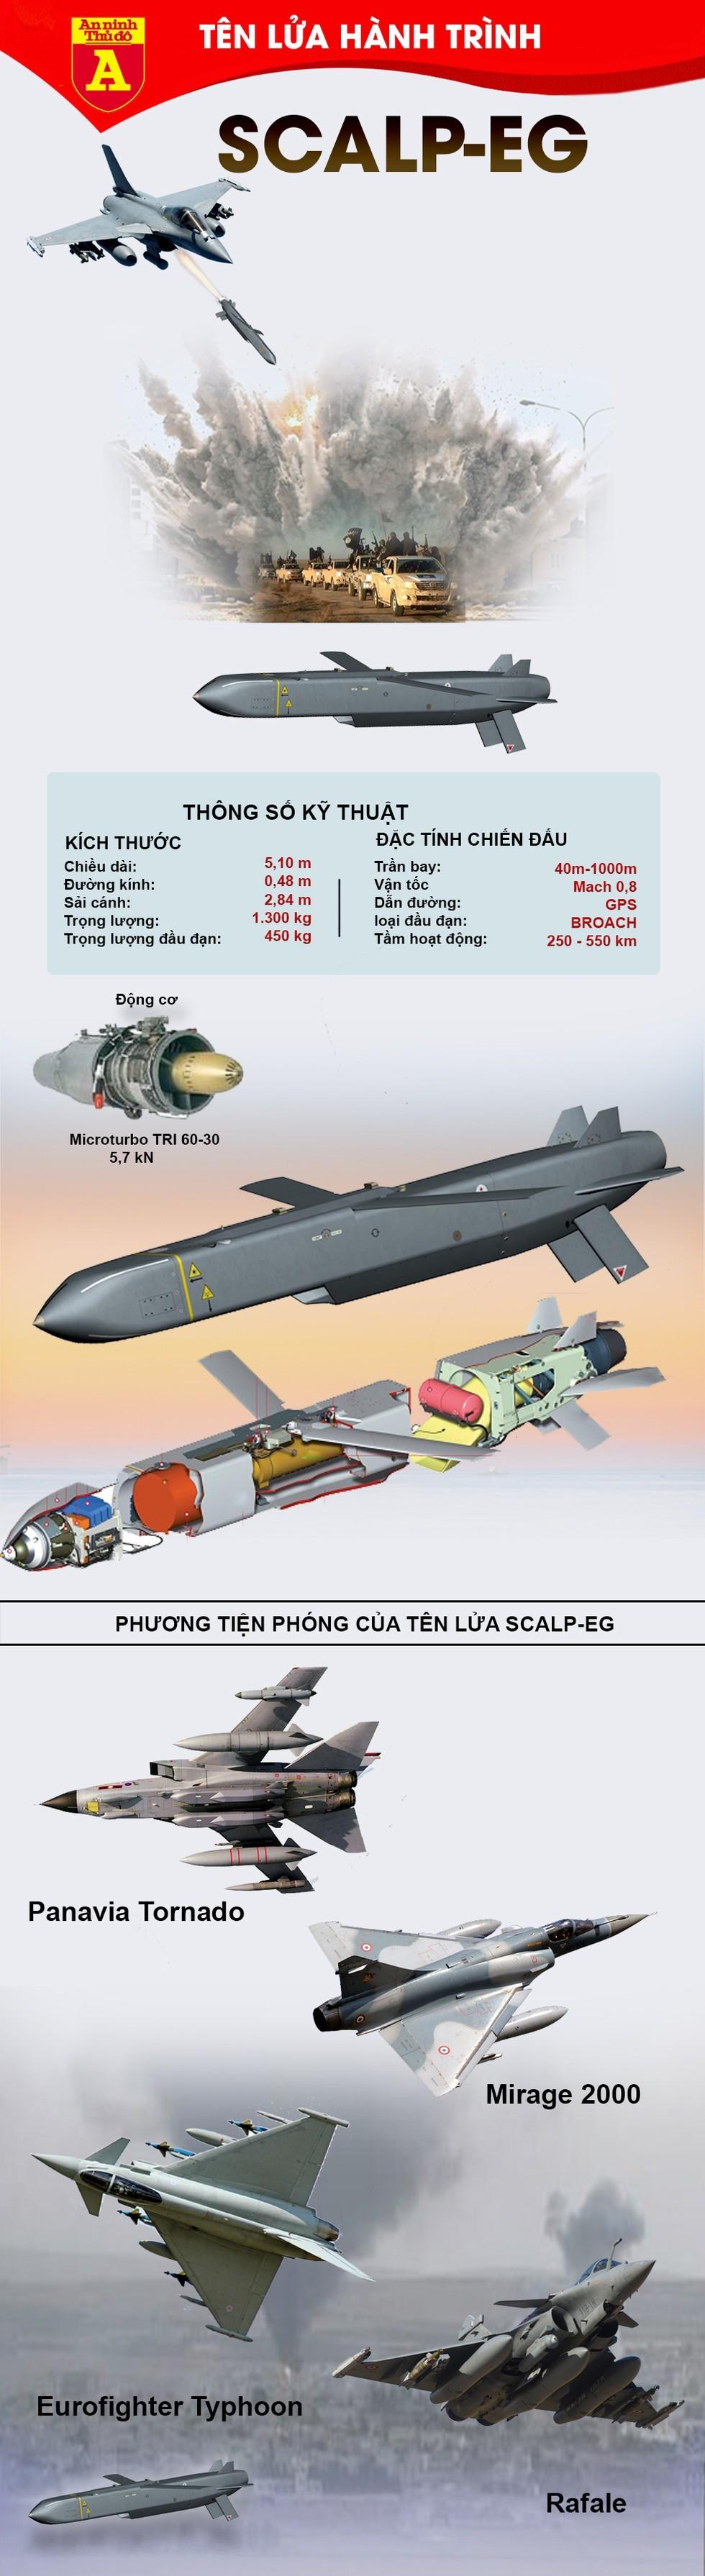 [Info] Tên lửa SCALP-EG trang bị trên tiêm kích Rafale Ấn Độ khiến Trung Quốc lo ngại ảnh 2